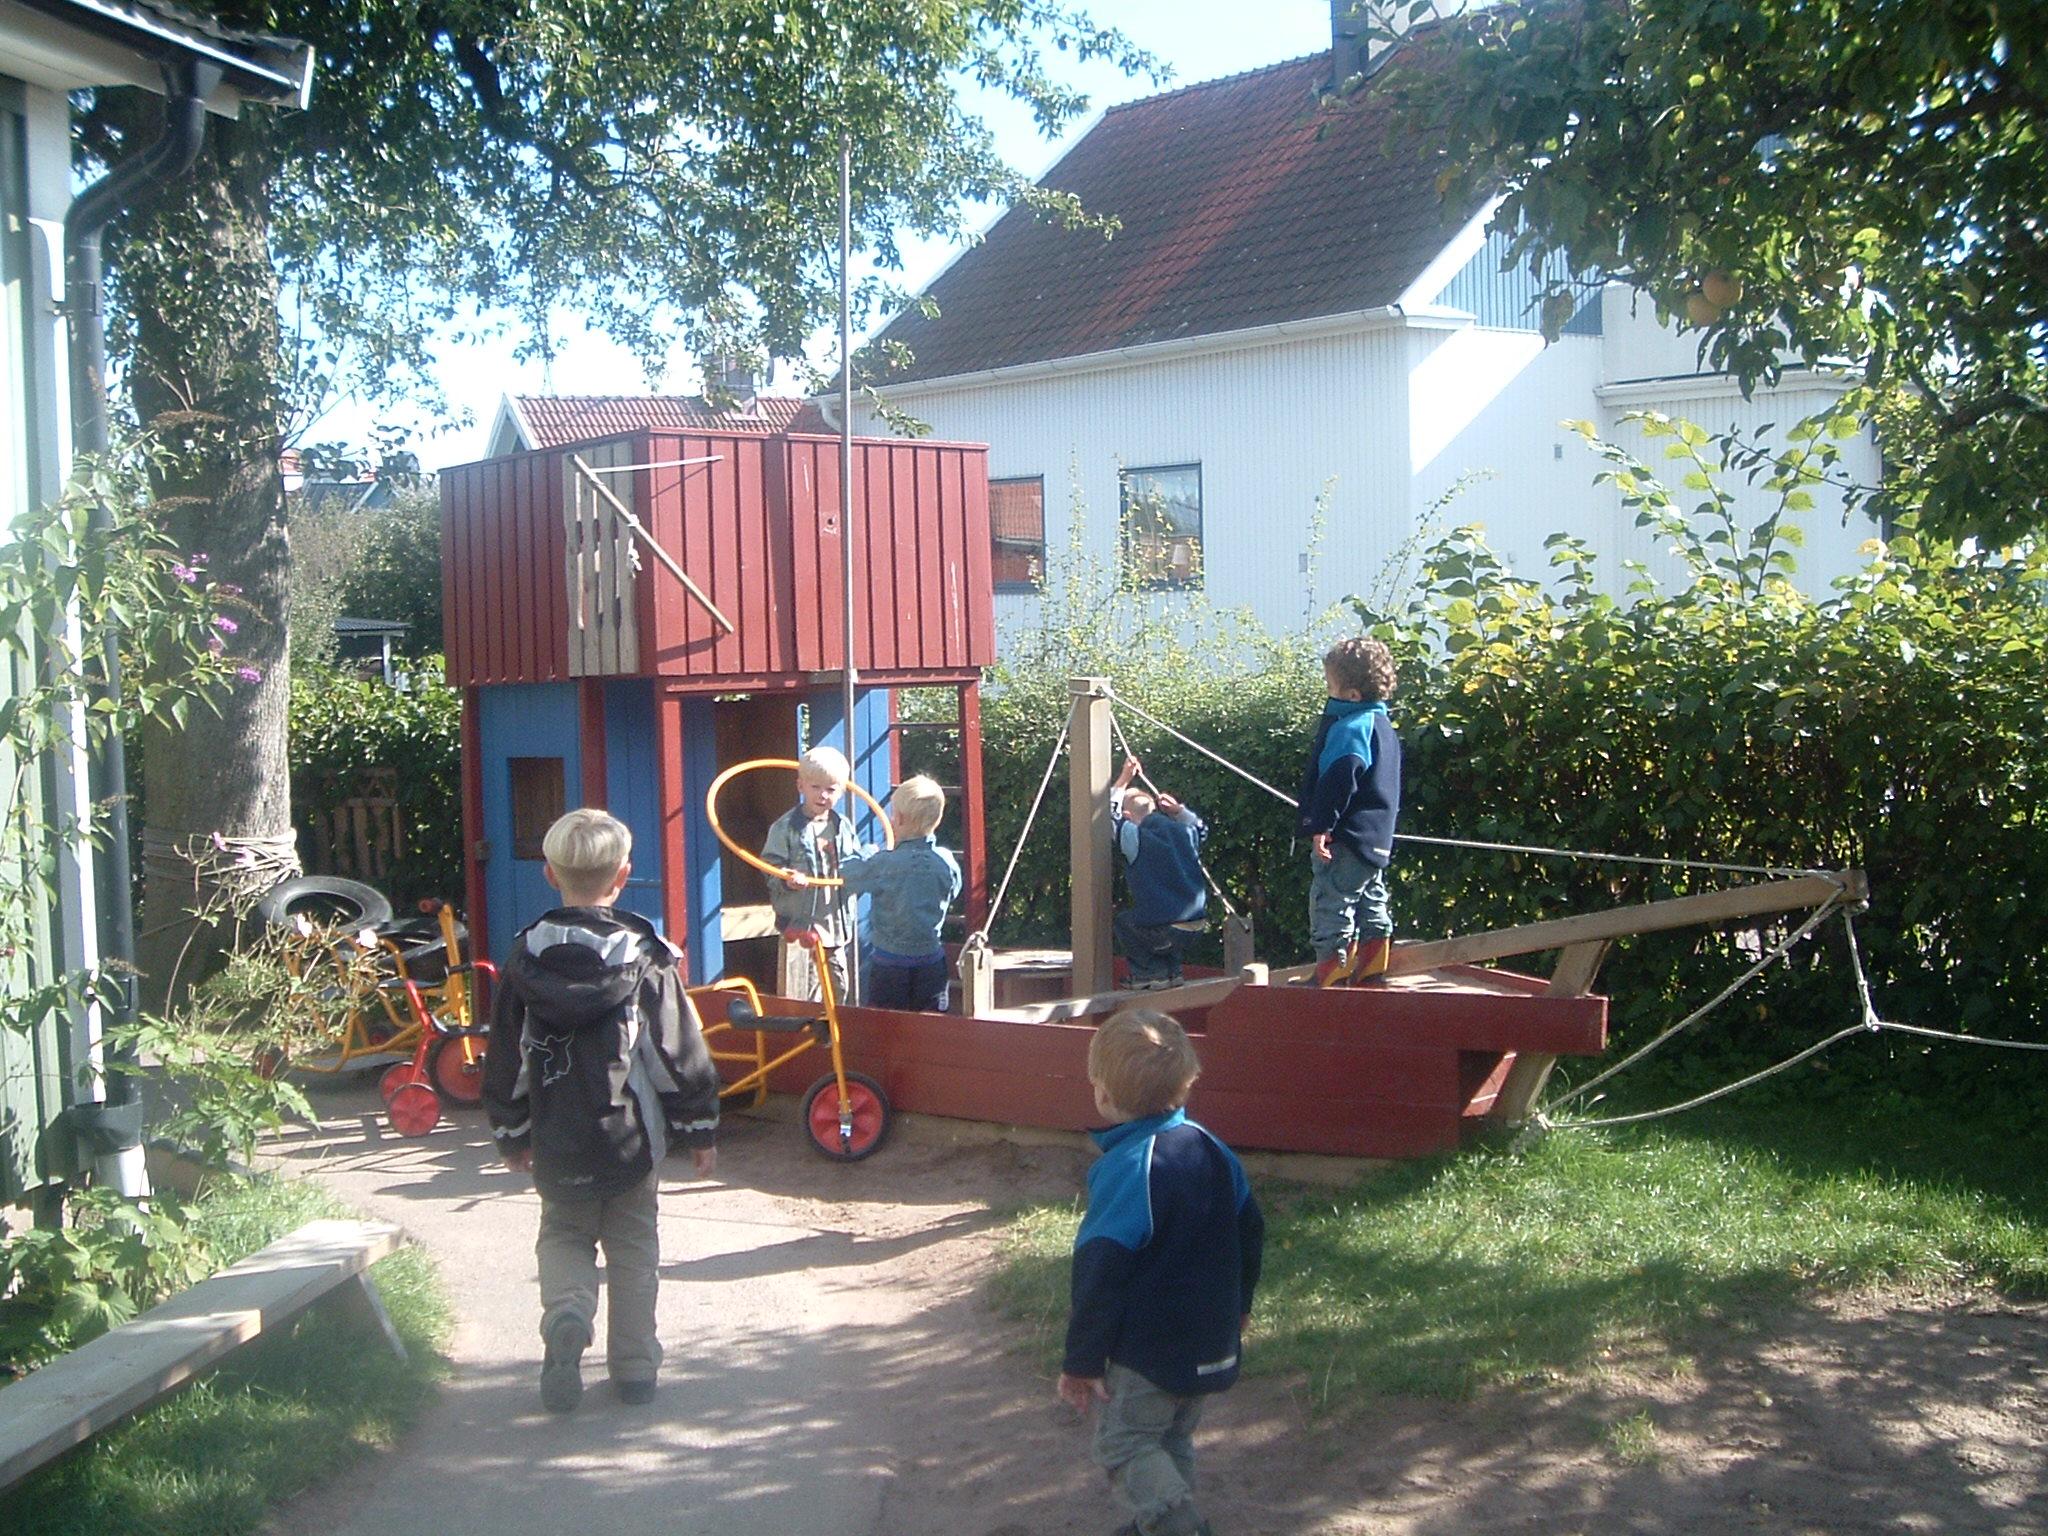 forskolan_kotten_bilder (001)